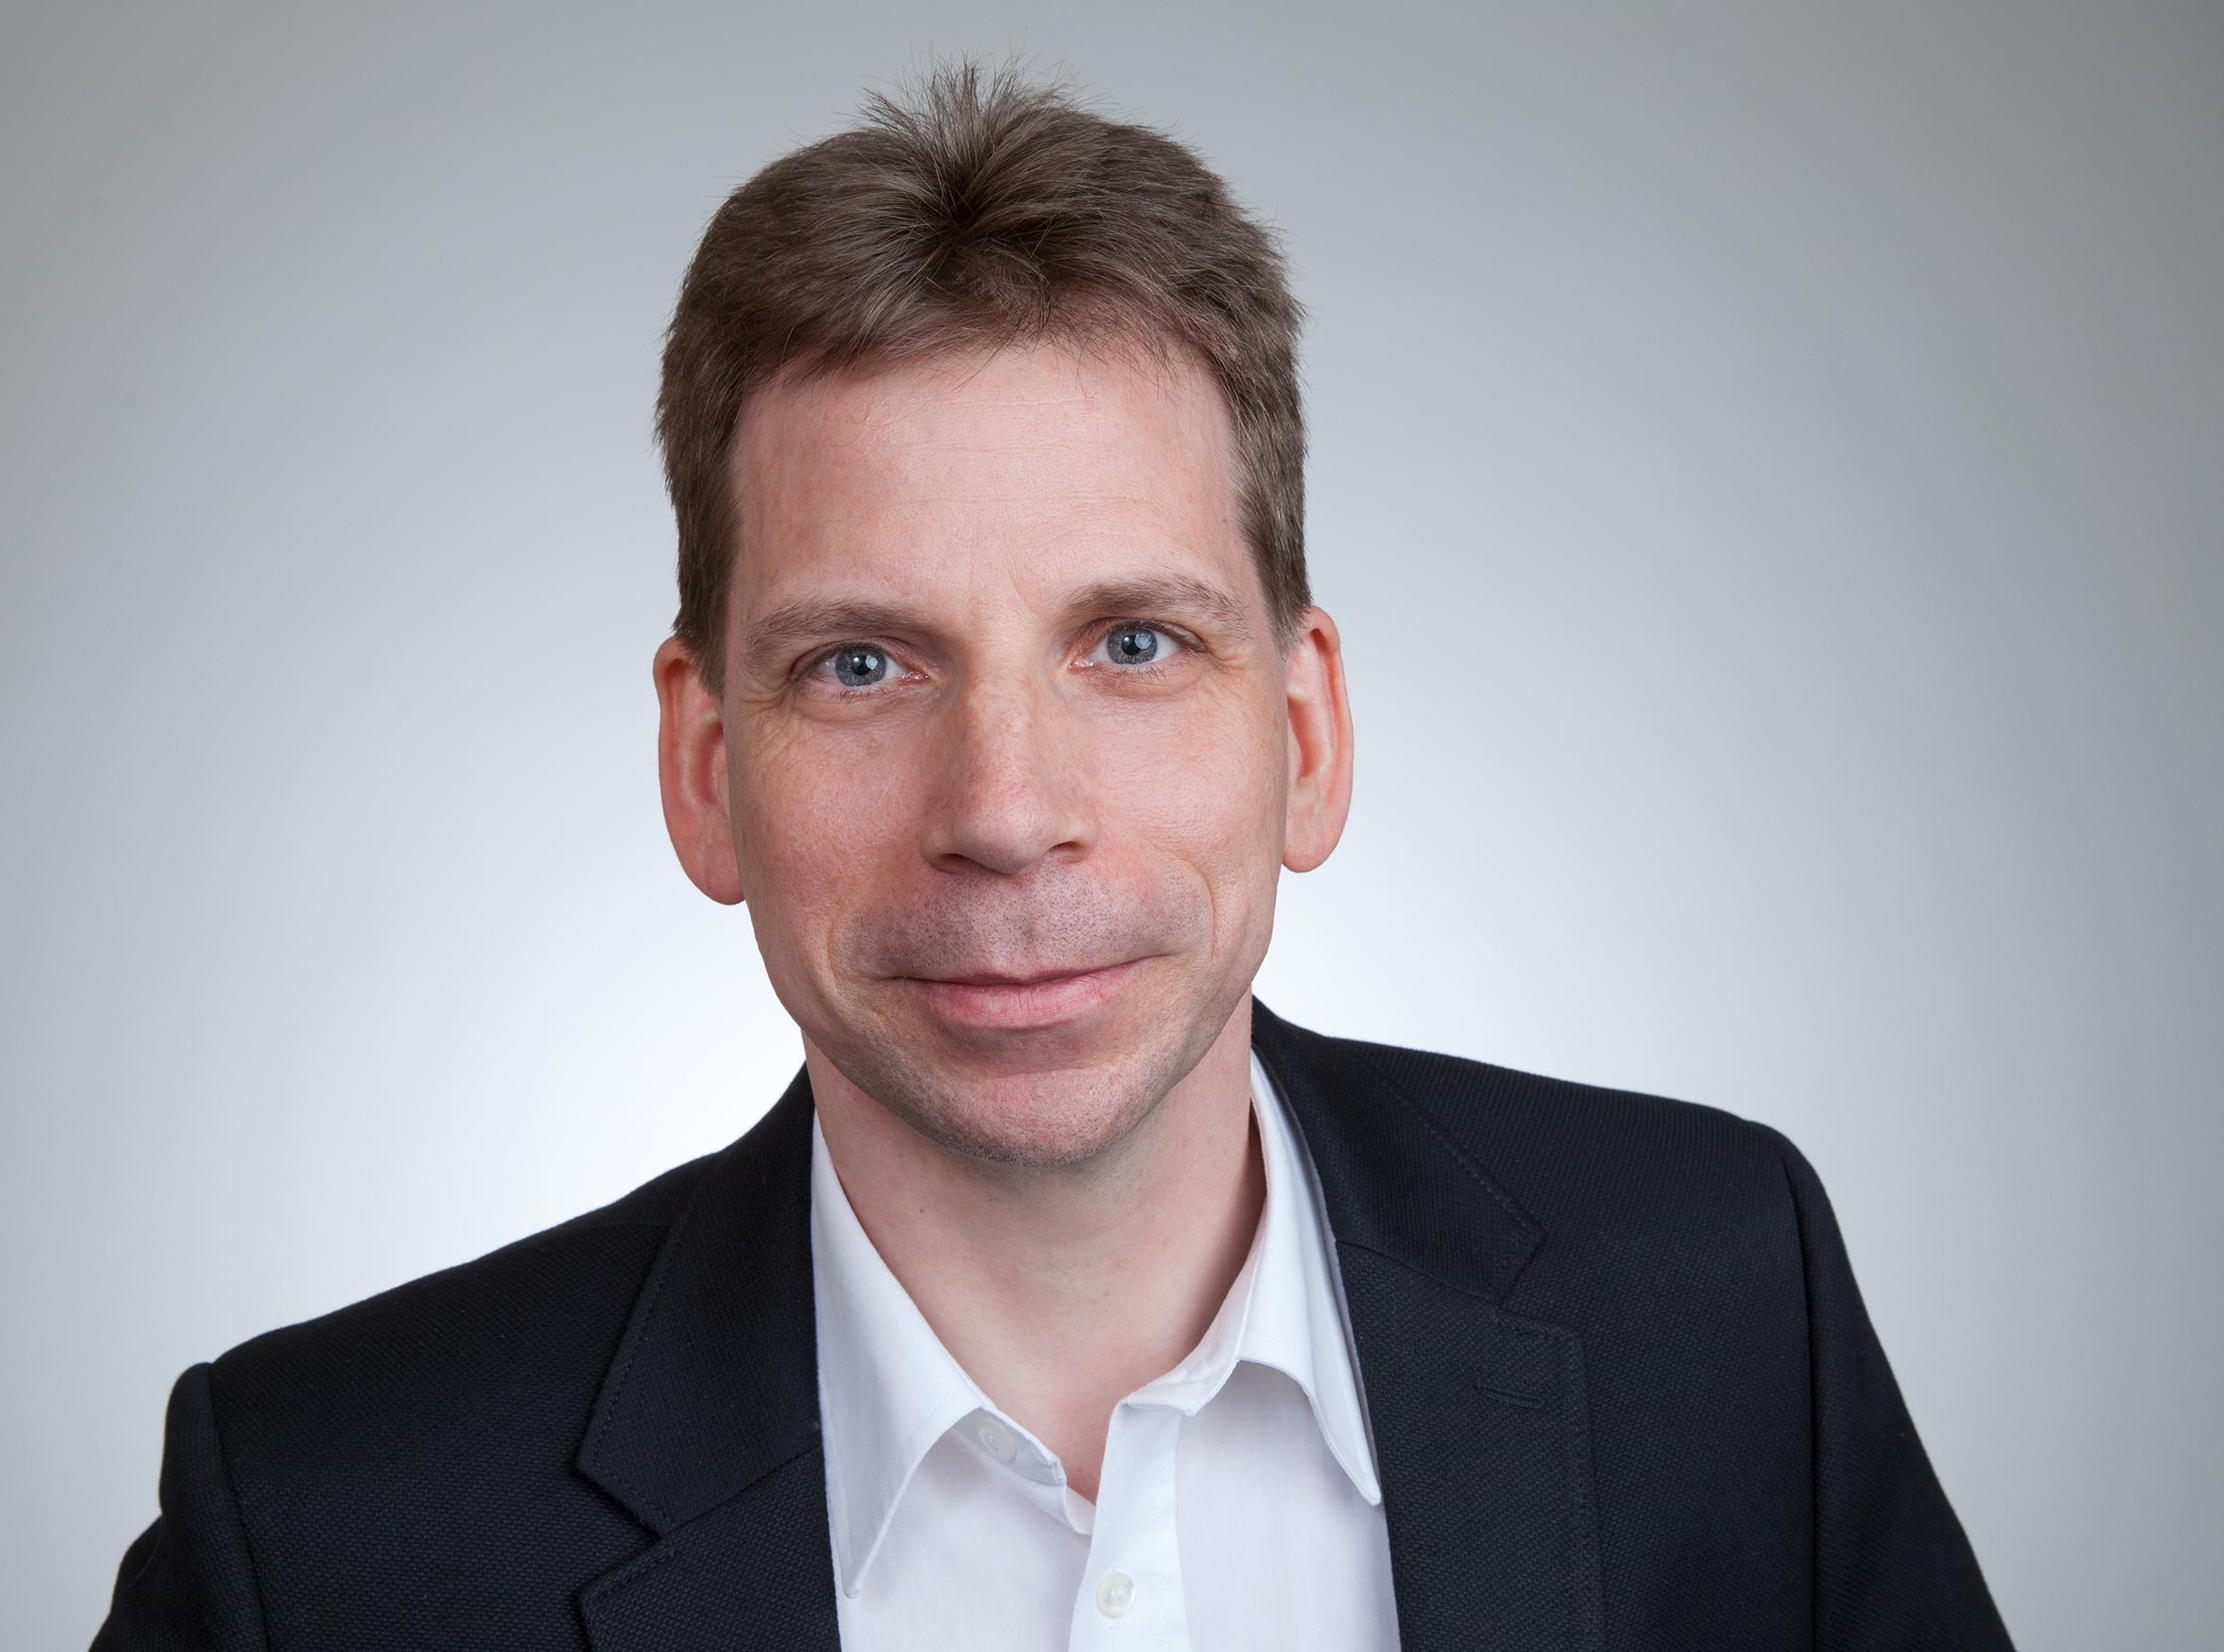 Christian Witter